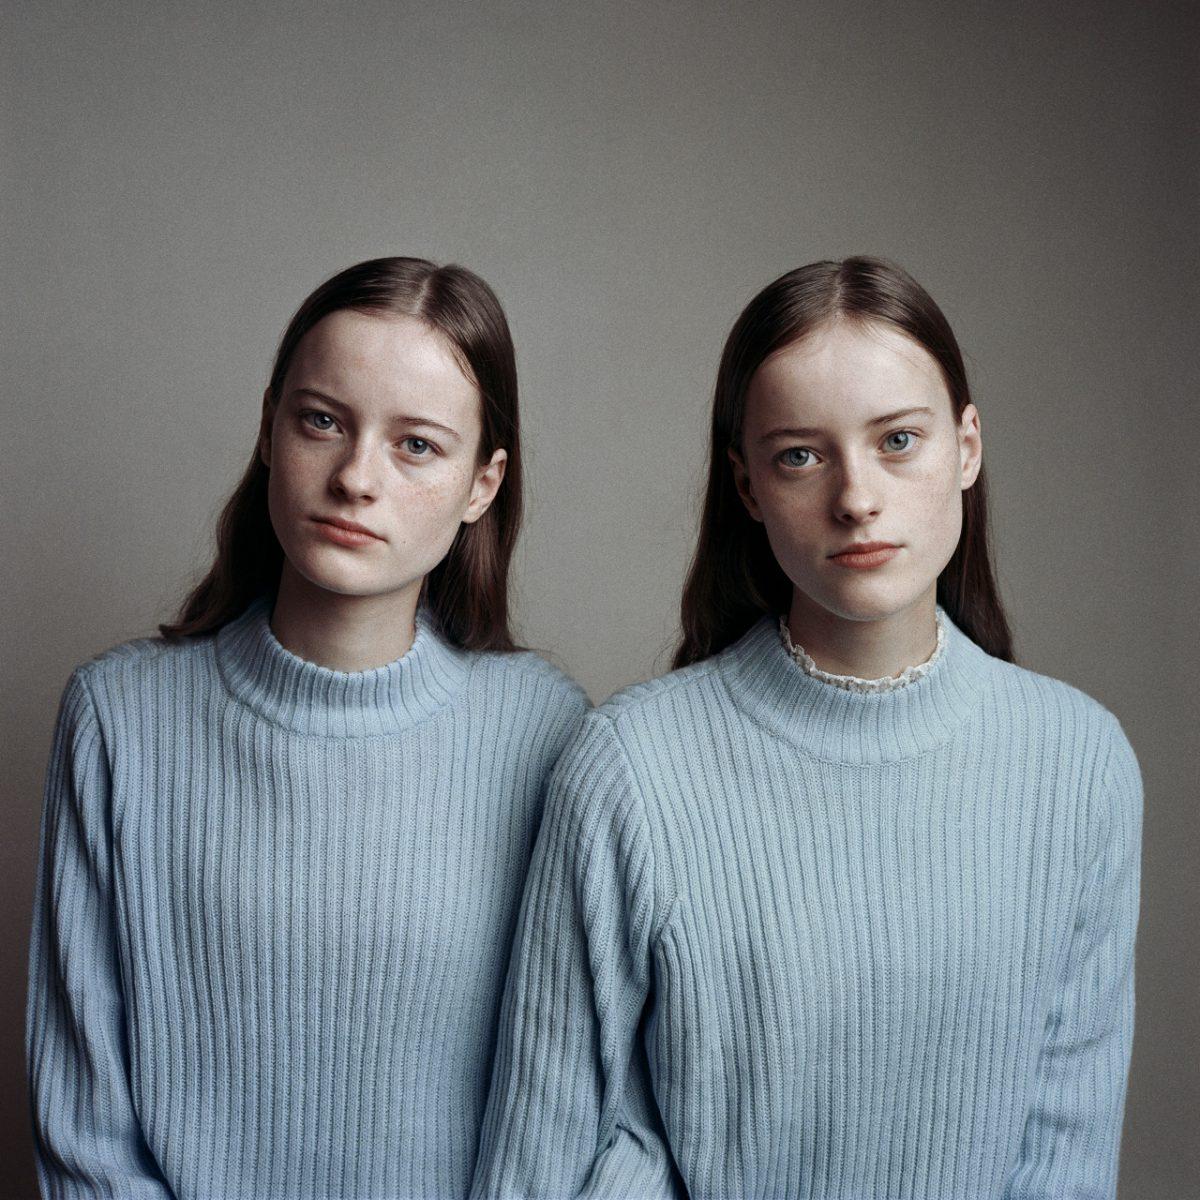 Photographie de portrait couleur par Maarten Schröder, jumeaux, filles